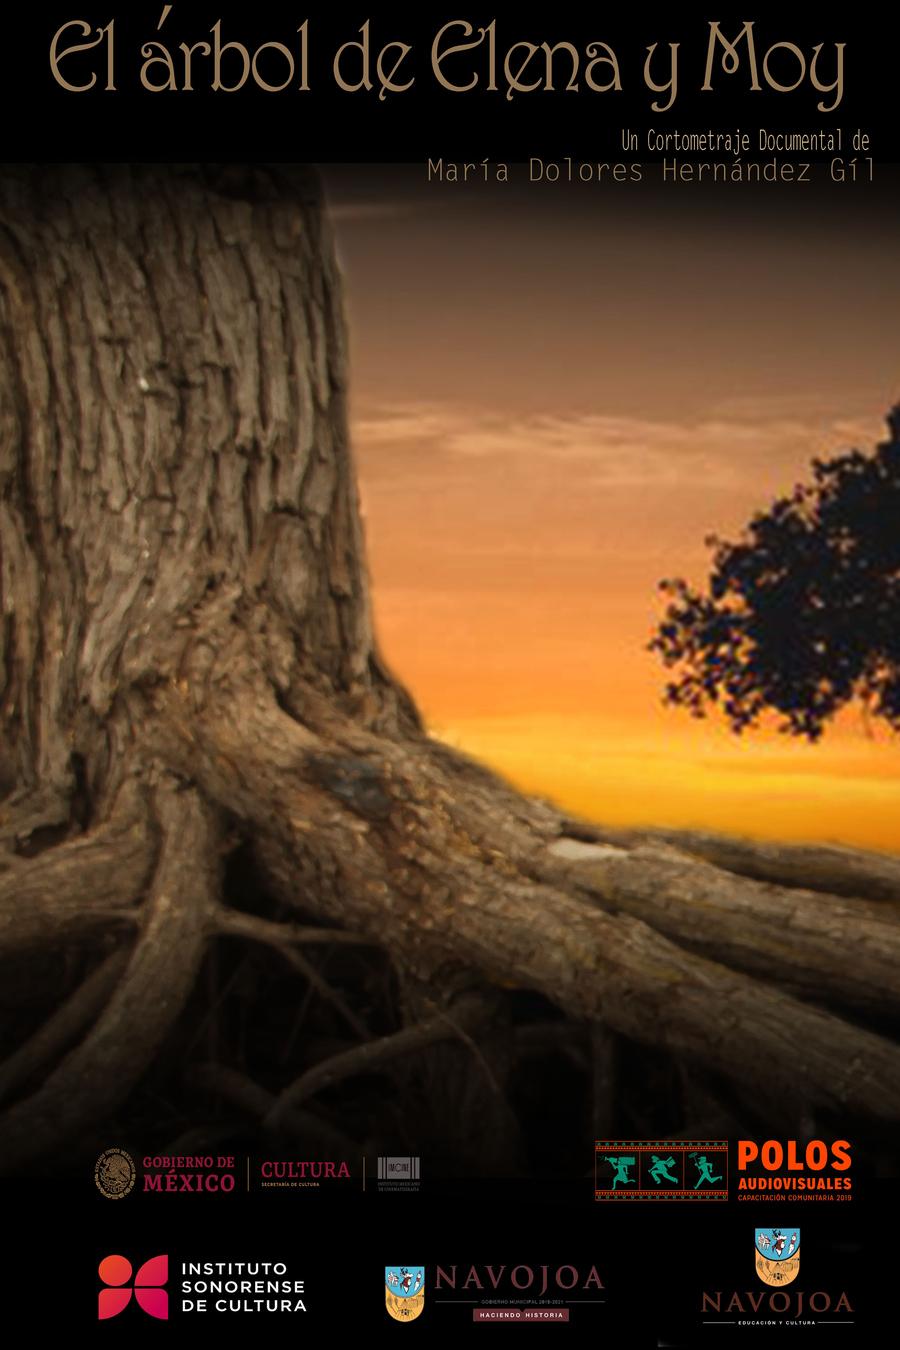 El árbol de Elena y Moy